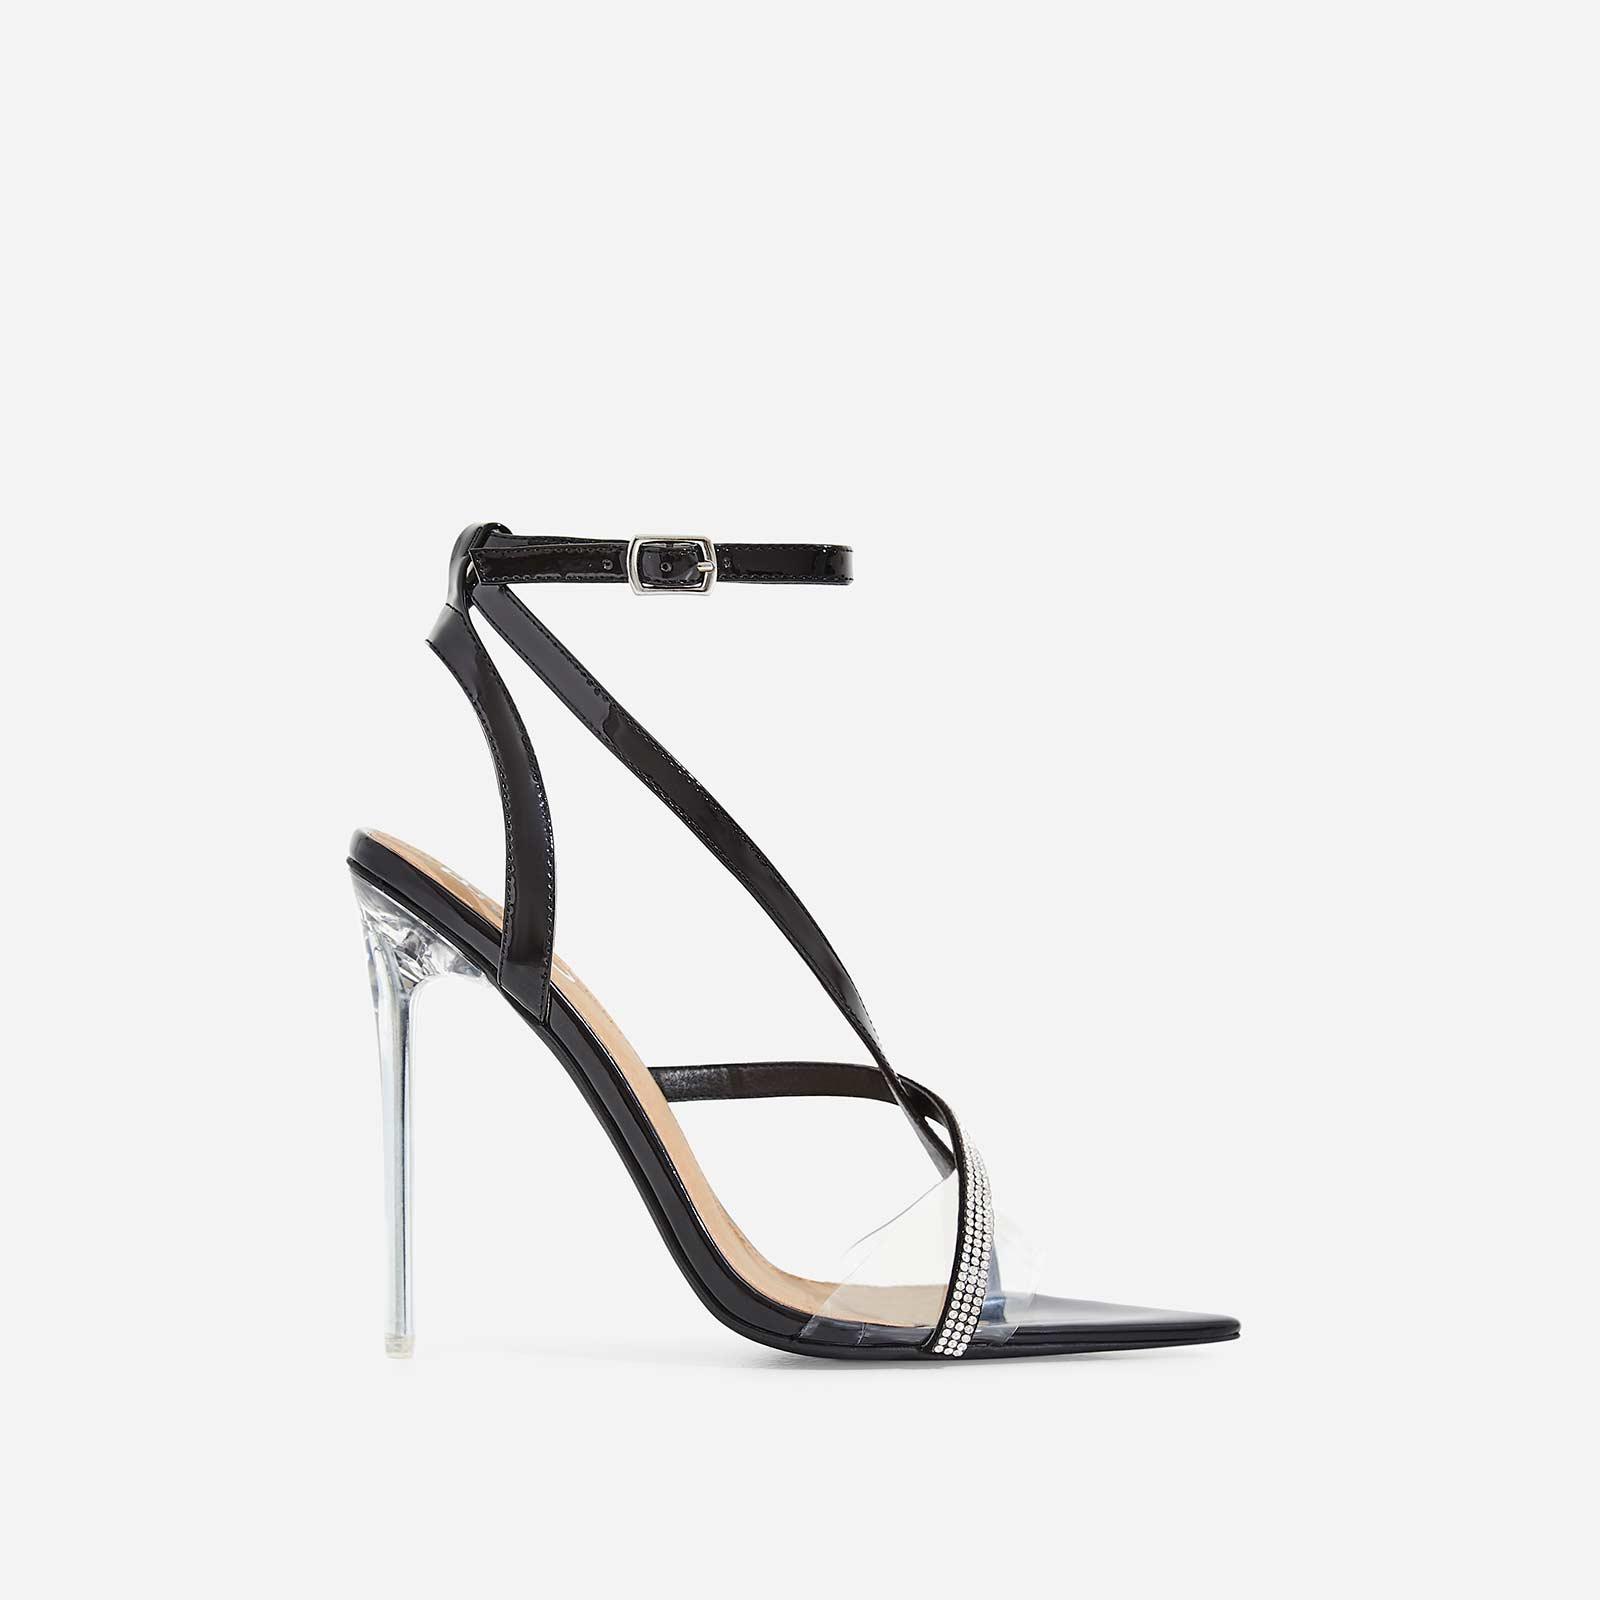 Khloe Dimante Pointed Perspex Heel In Black Patent